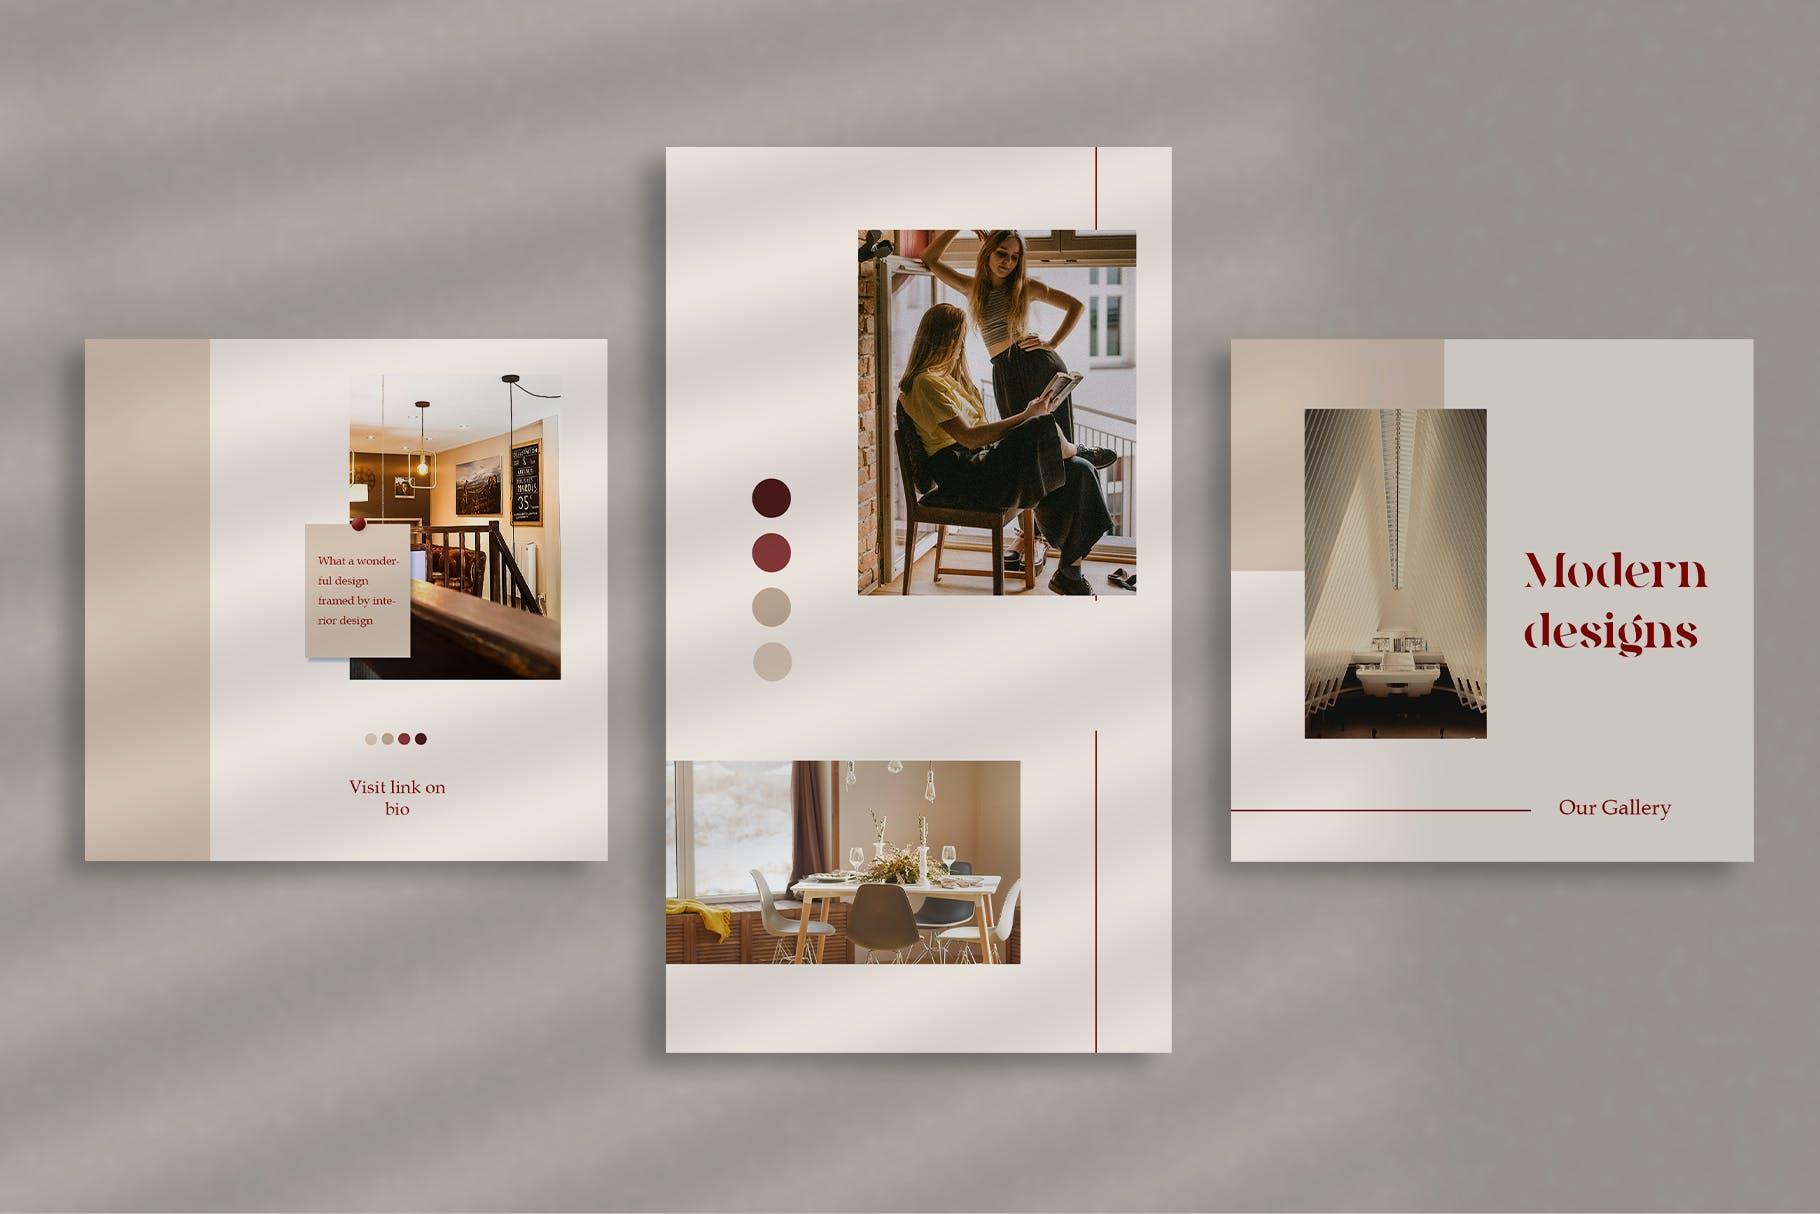 时尚室内设计摄影作品集推广新媒体电商海报模板 Walnut – Instagram Template插图(4)